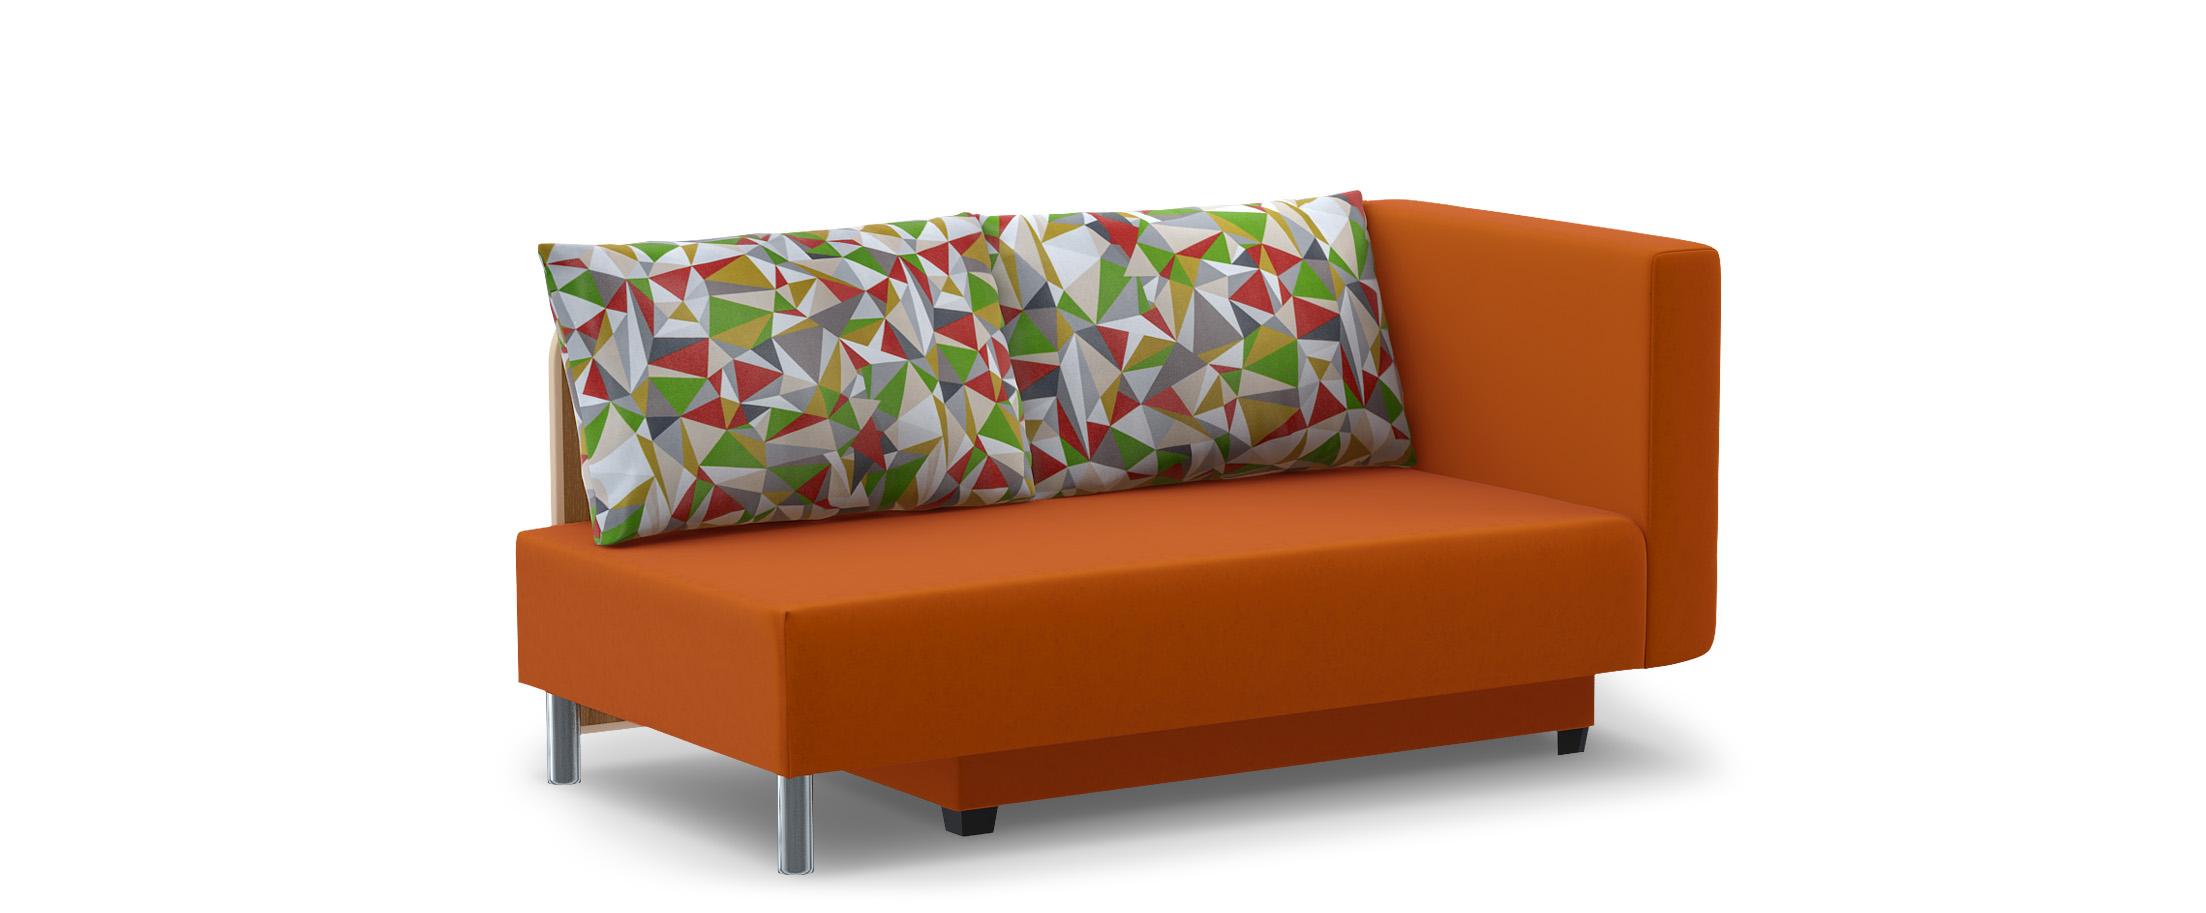 Диван прямой еврокнижка Лион 060Гостевой вариант и полноценное спальное место. Размеры 155х84х79 см. Купить оранжевый диван еврокнижка с правым подлокотником в интернет-магазине MOON-TRADE.RU.